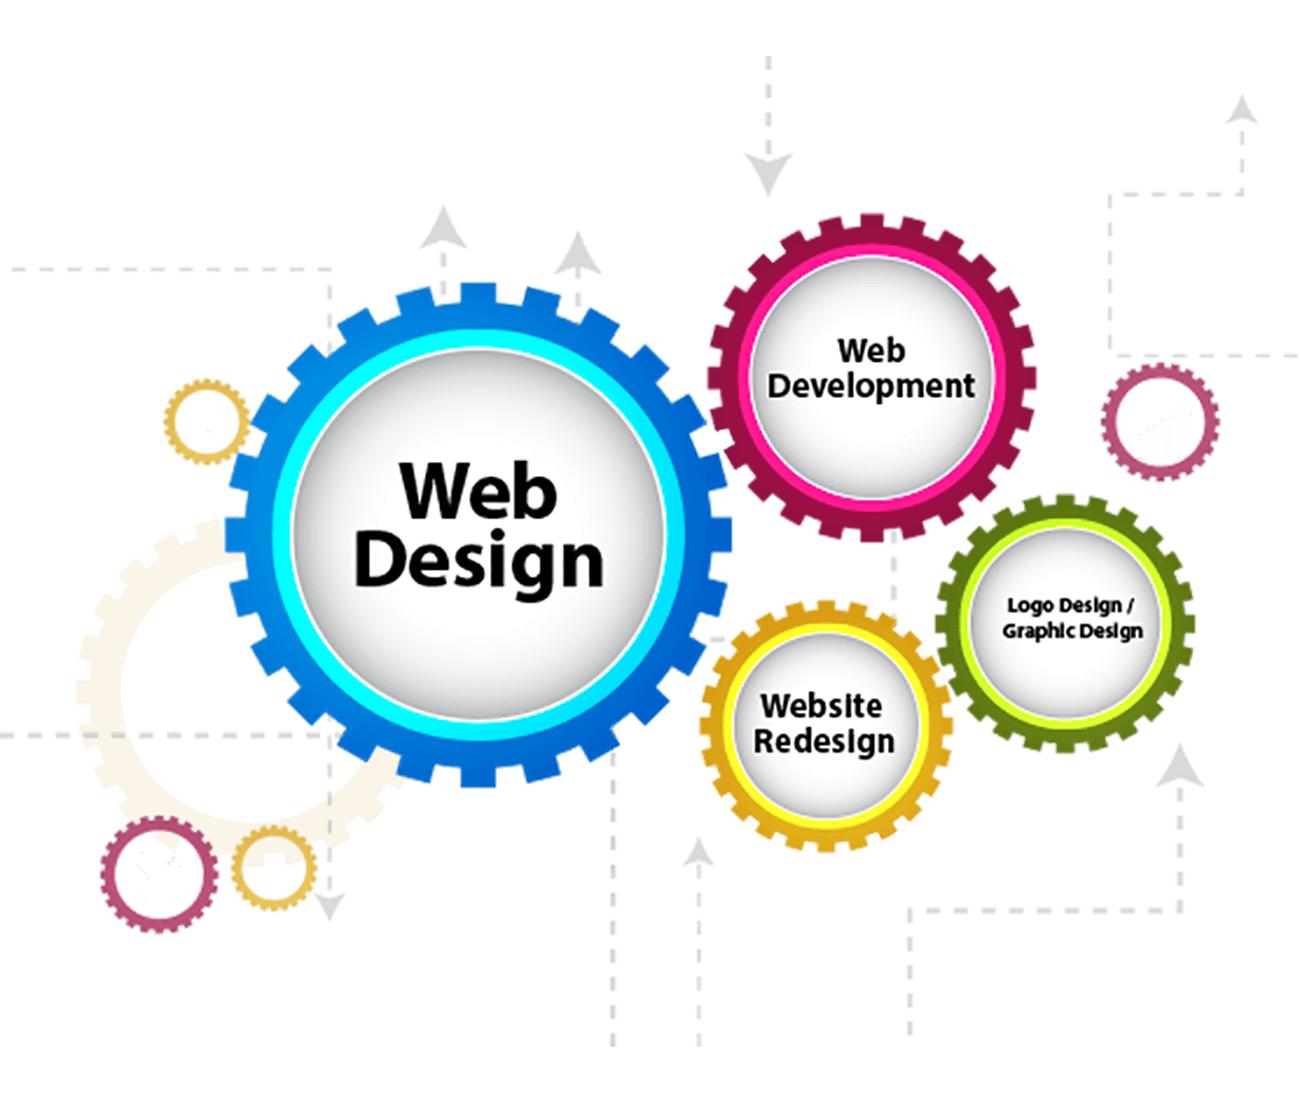 https://ml8bxbbz7pj9.i.optimole.com/kcjfi9Q.mVbO~6367f/w:auto/h:auto/q:90/https://arksstech.com/wp-content/upload/2018/06/business-seo-services-copy.png